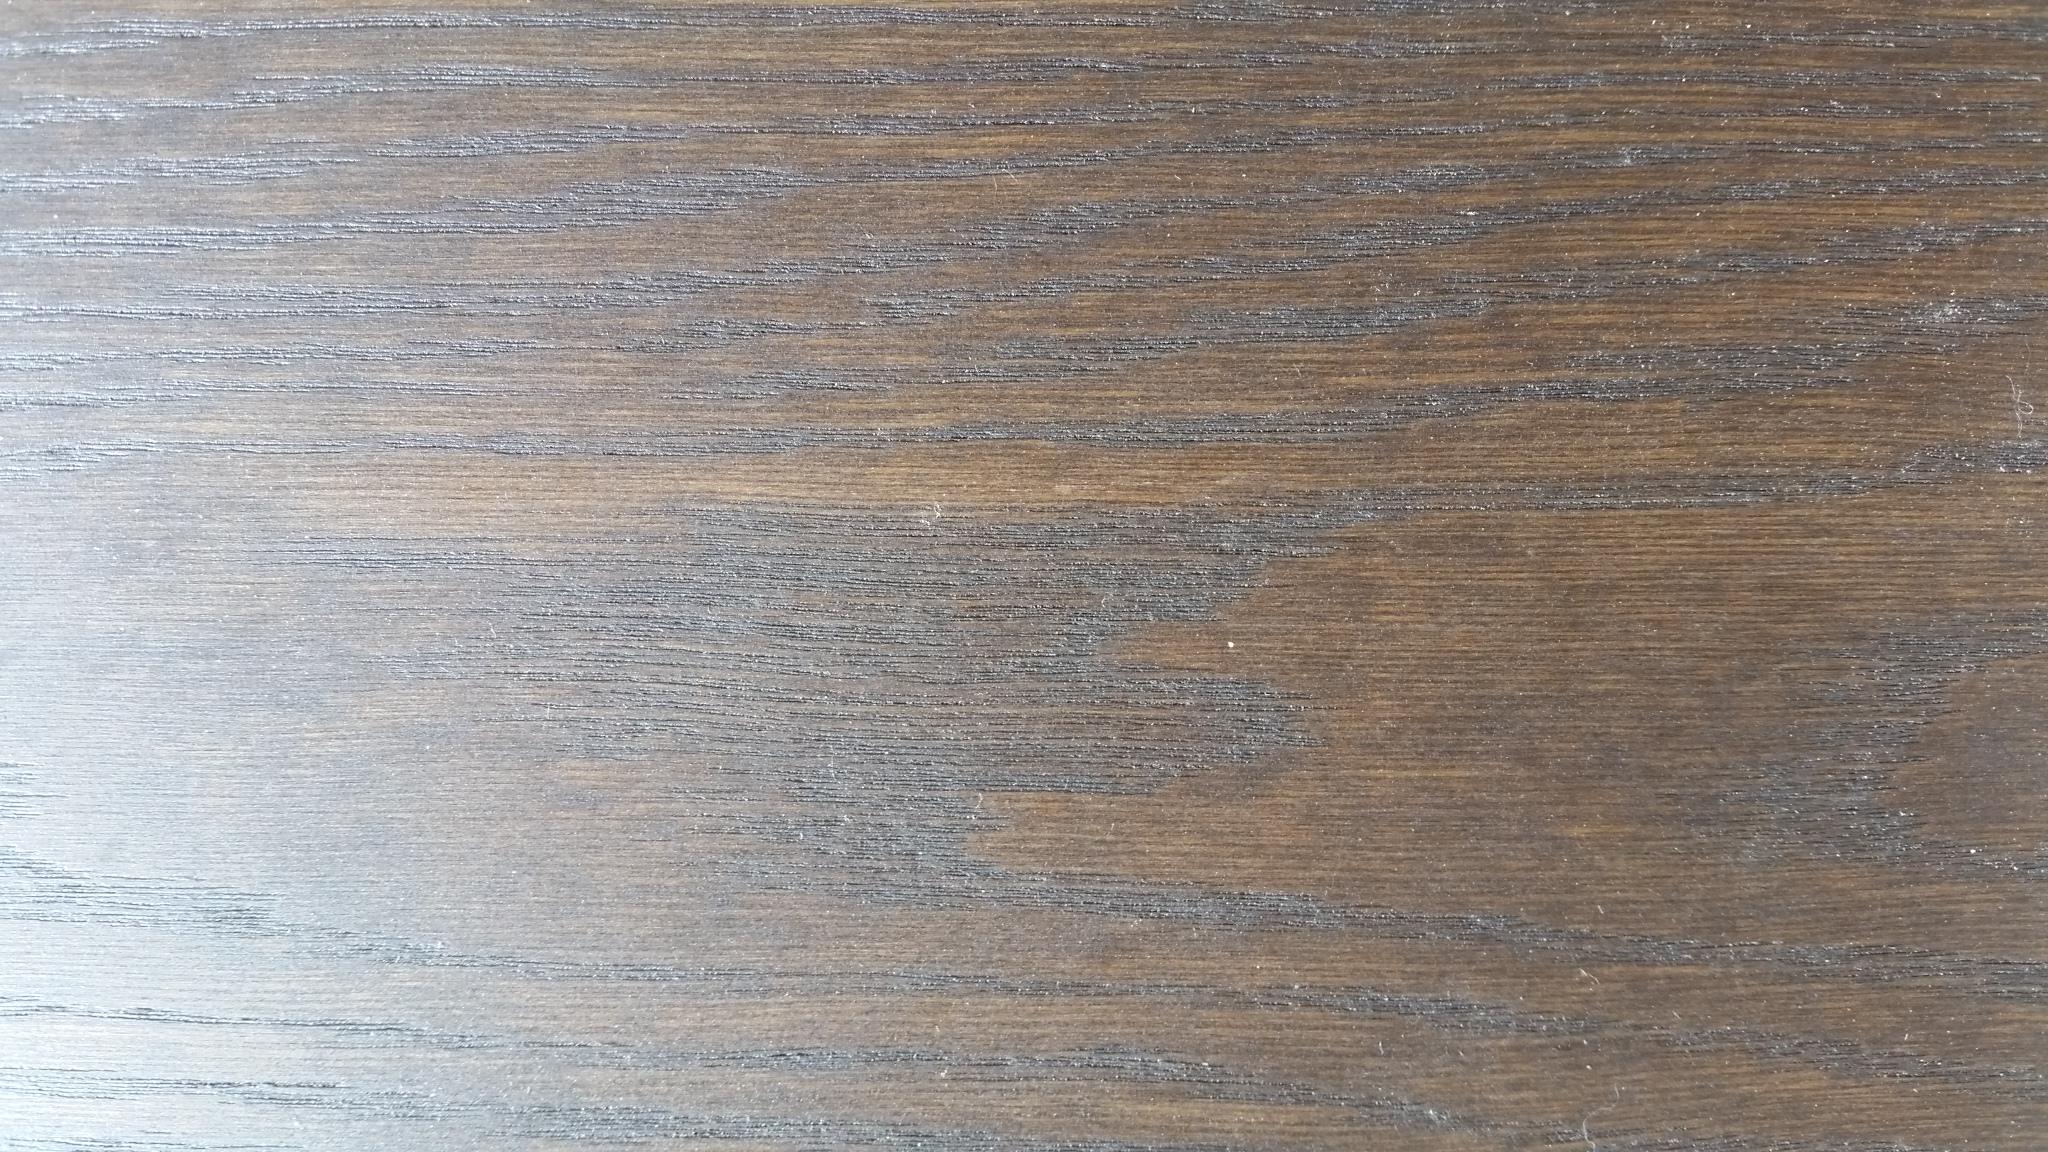 Saicos õlitoonid | Q 3490 Akva eebensile Aqua ebonysmooth